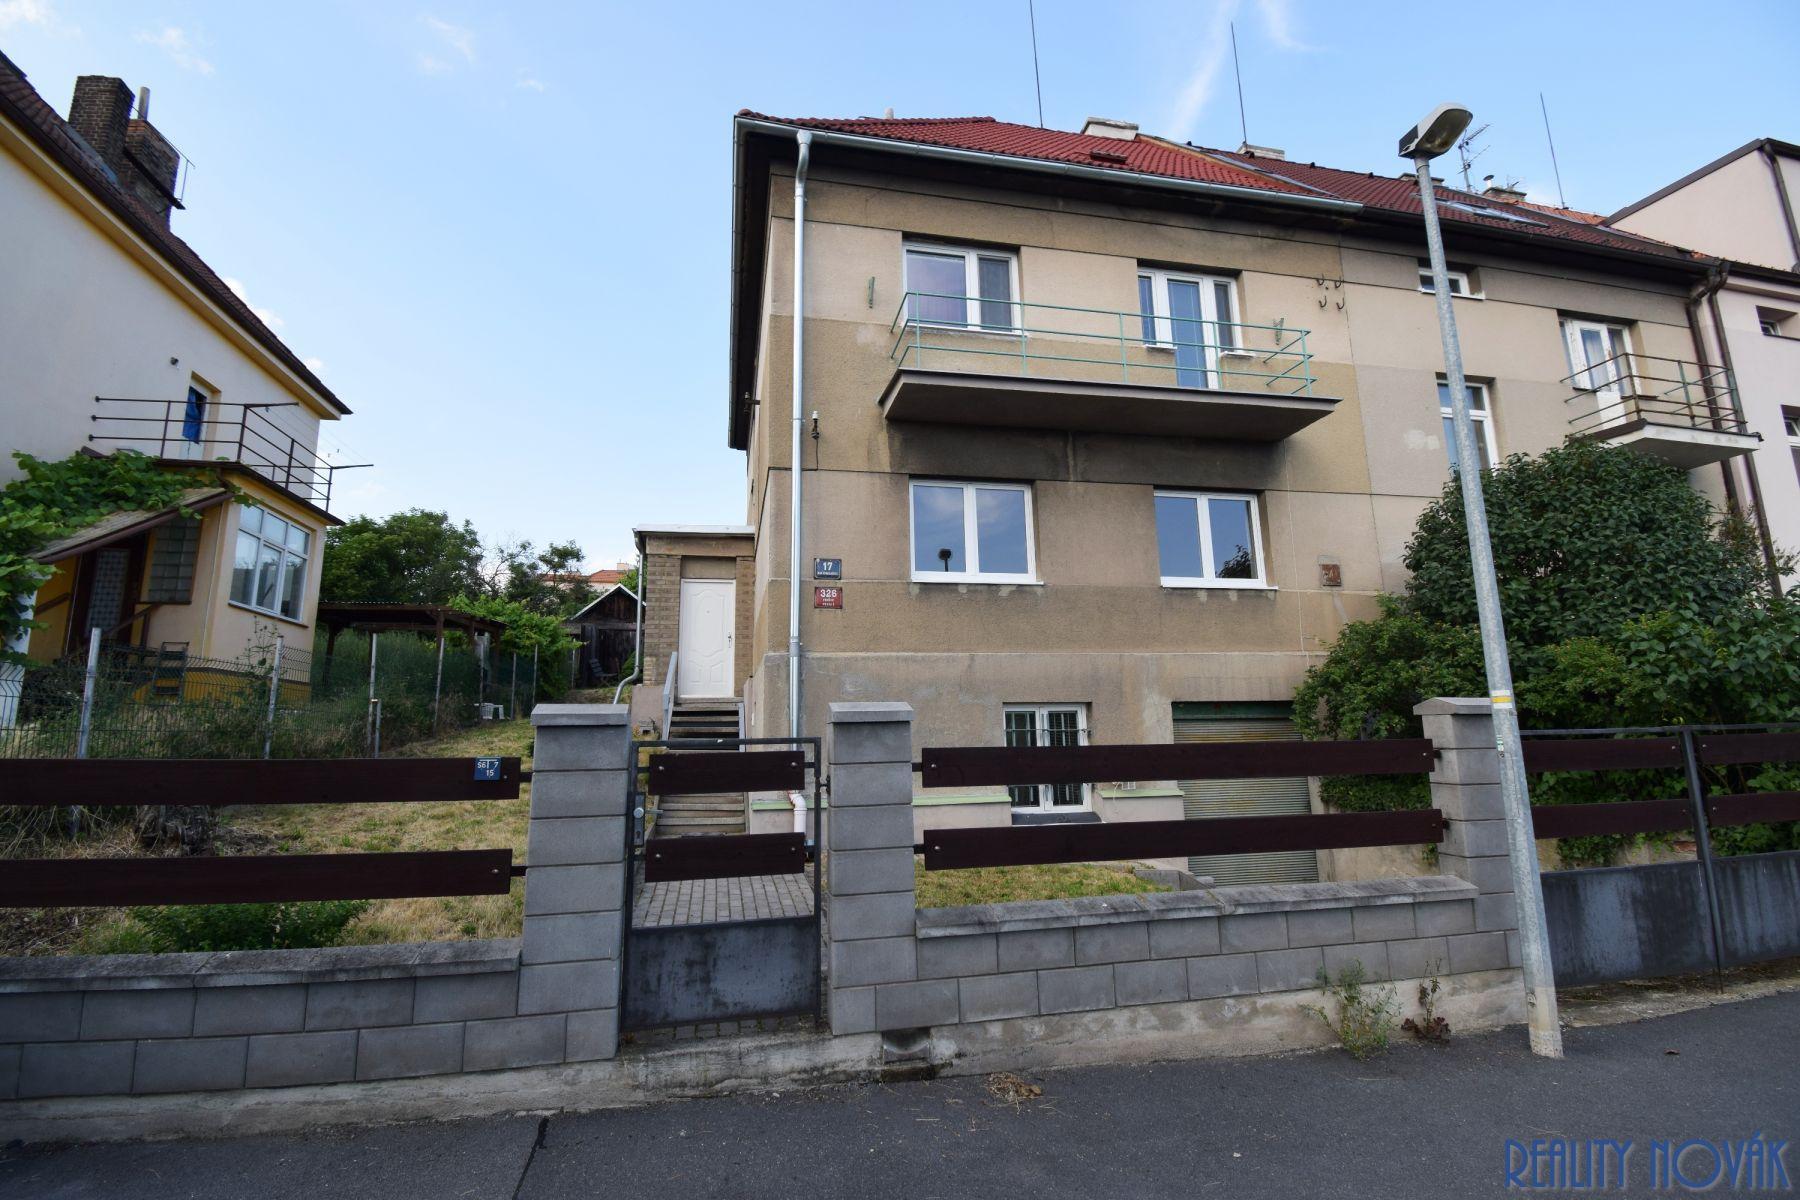 prodej poloviny rodinného domu, Praha 9 - Prosek